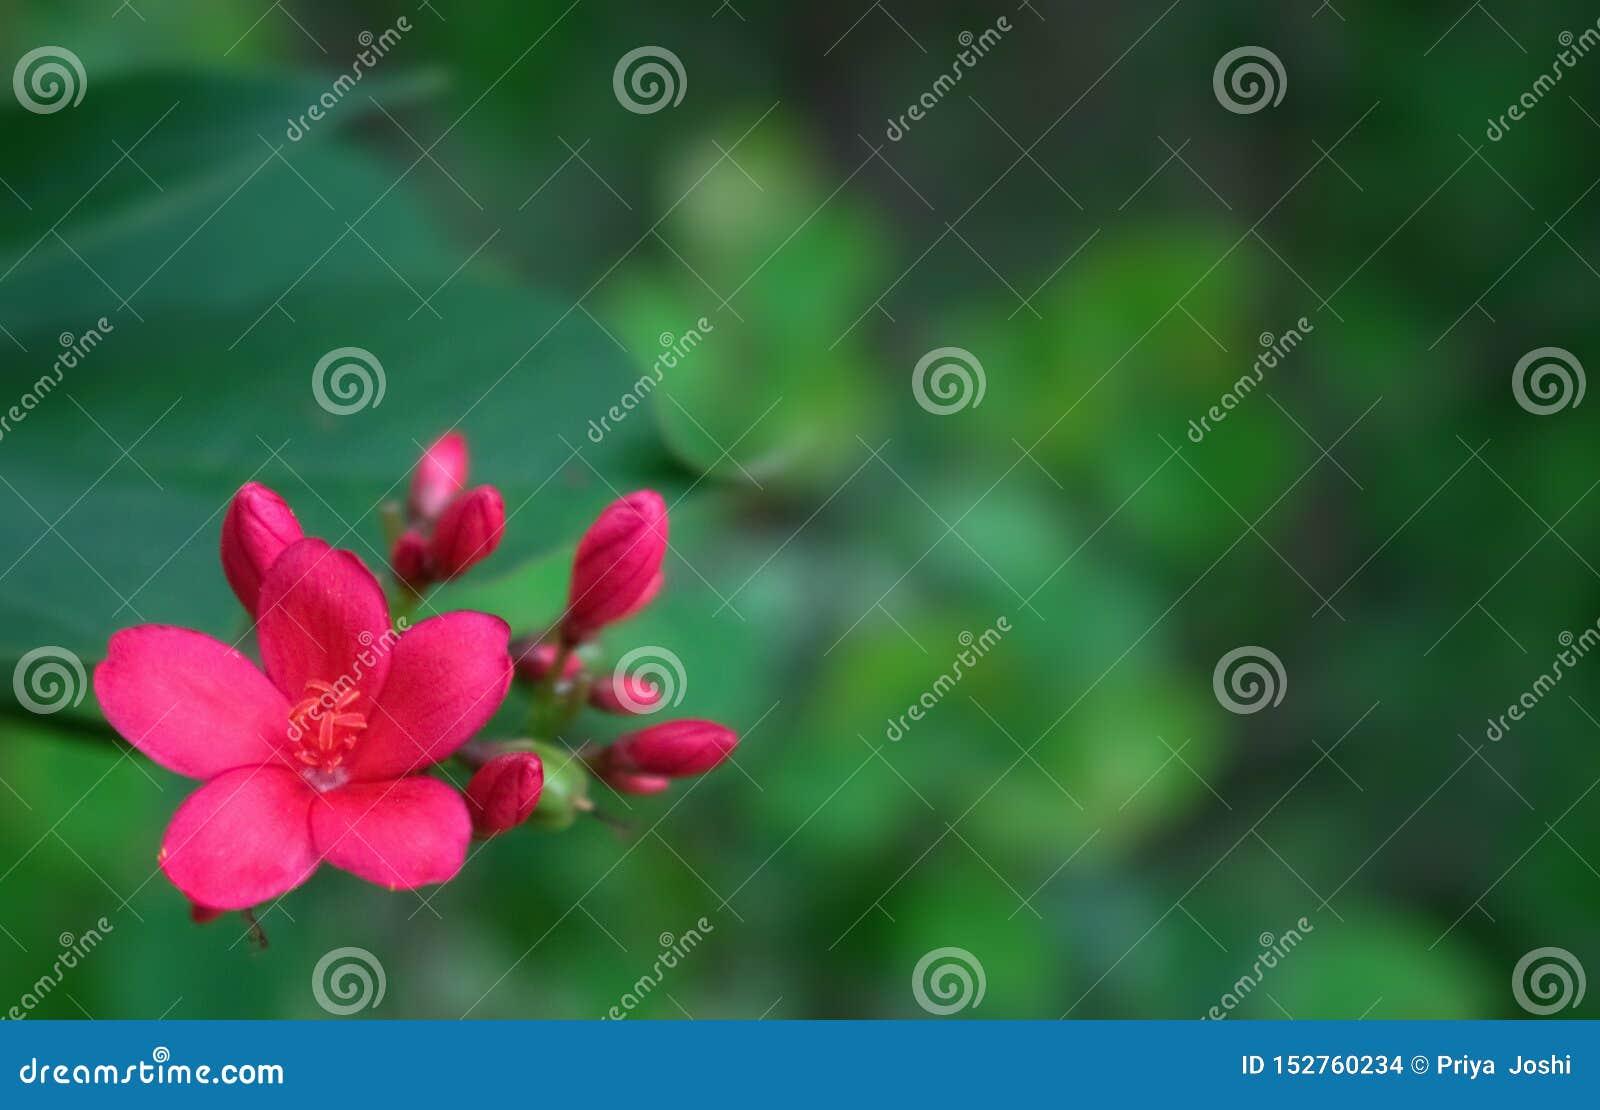 Όμορφο κόκκινο λουλούδι στον κήπο με το πράσινο υπόβαθρο